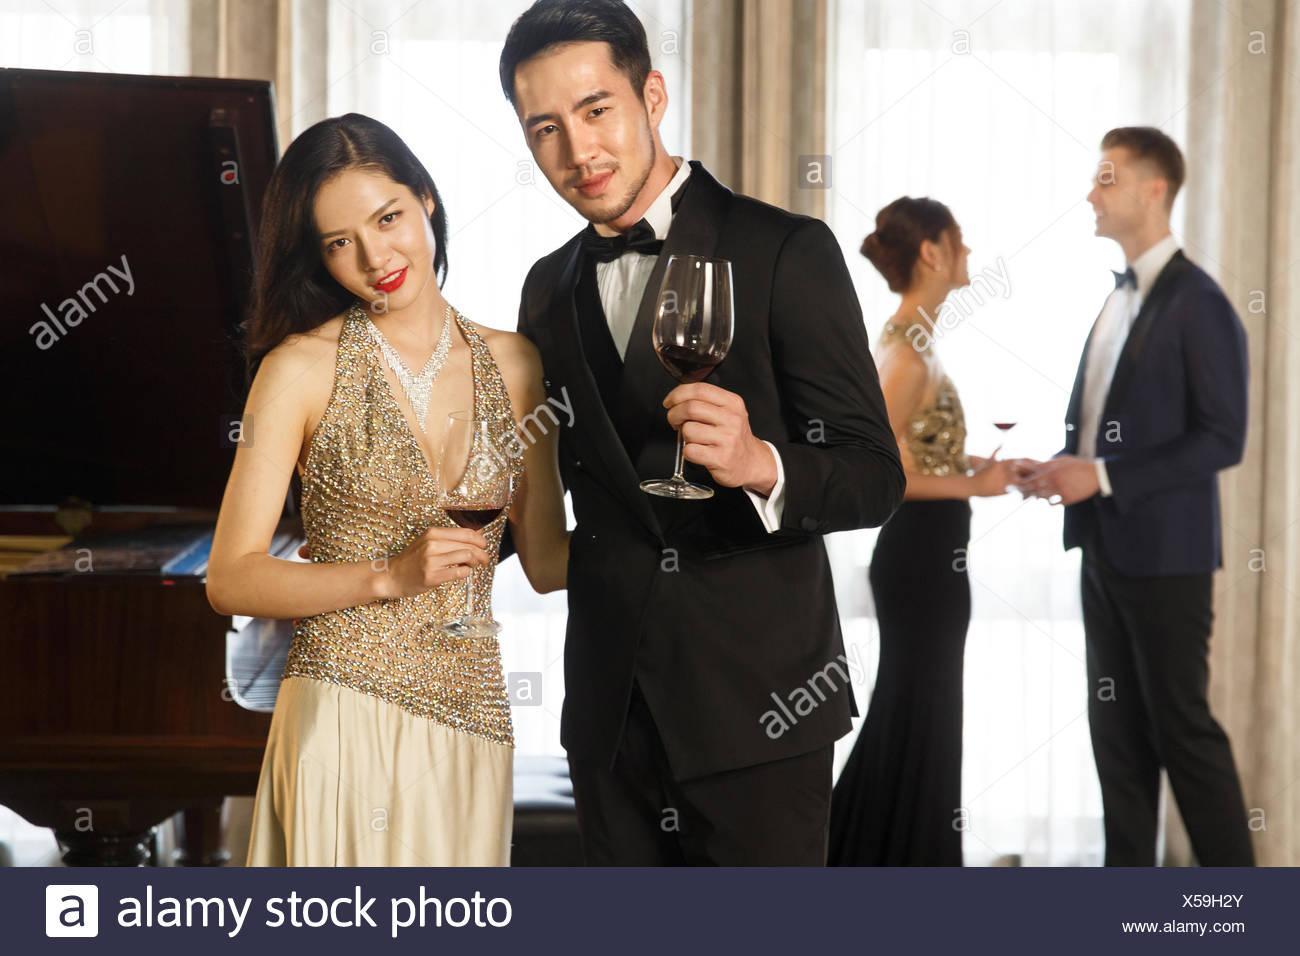 Junge Männer Und Frauen Mode Party Stockfoto Bild 278650147 Alamy